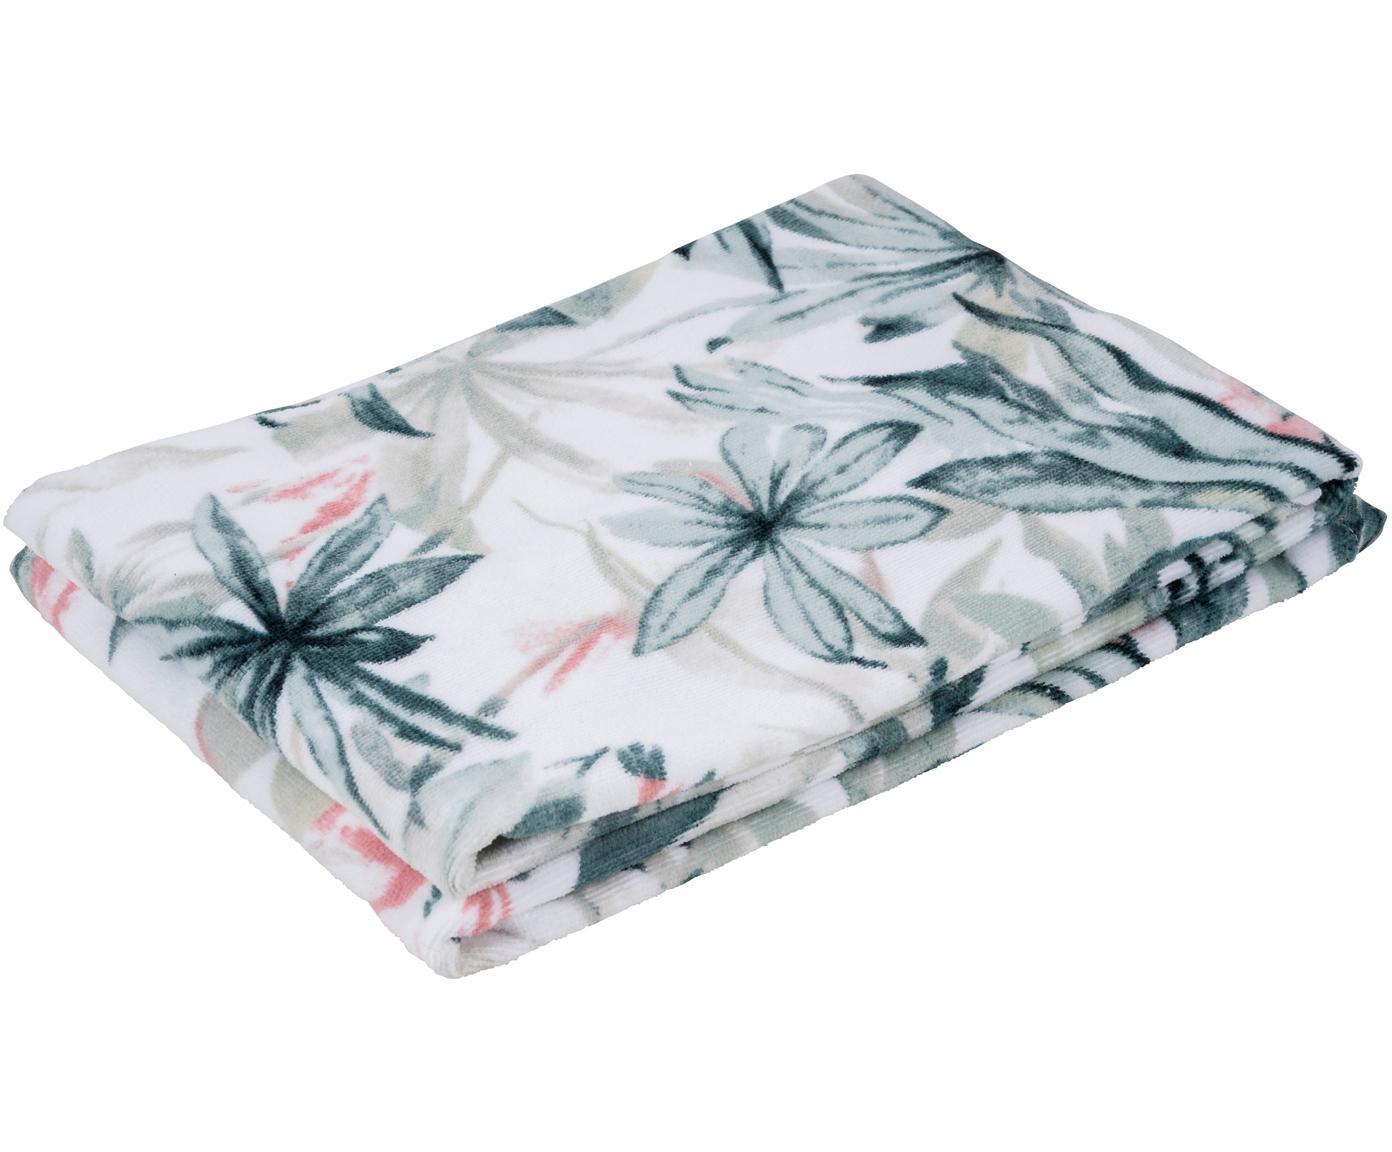 Handtuch Foglia in verschiedenen Größen, mit tropischem Muster, 100% Baumwolle, Weiß, Mehrfarbig, Gästehandtuch